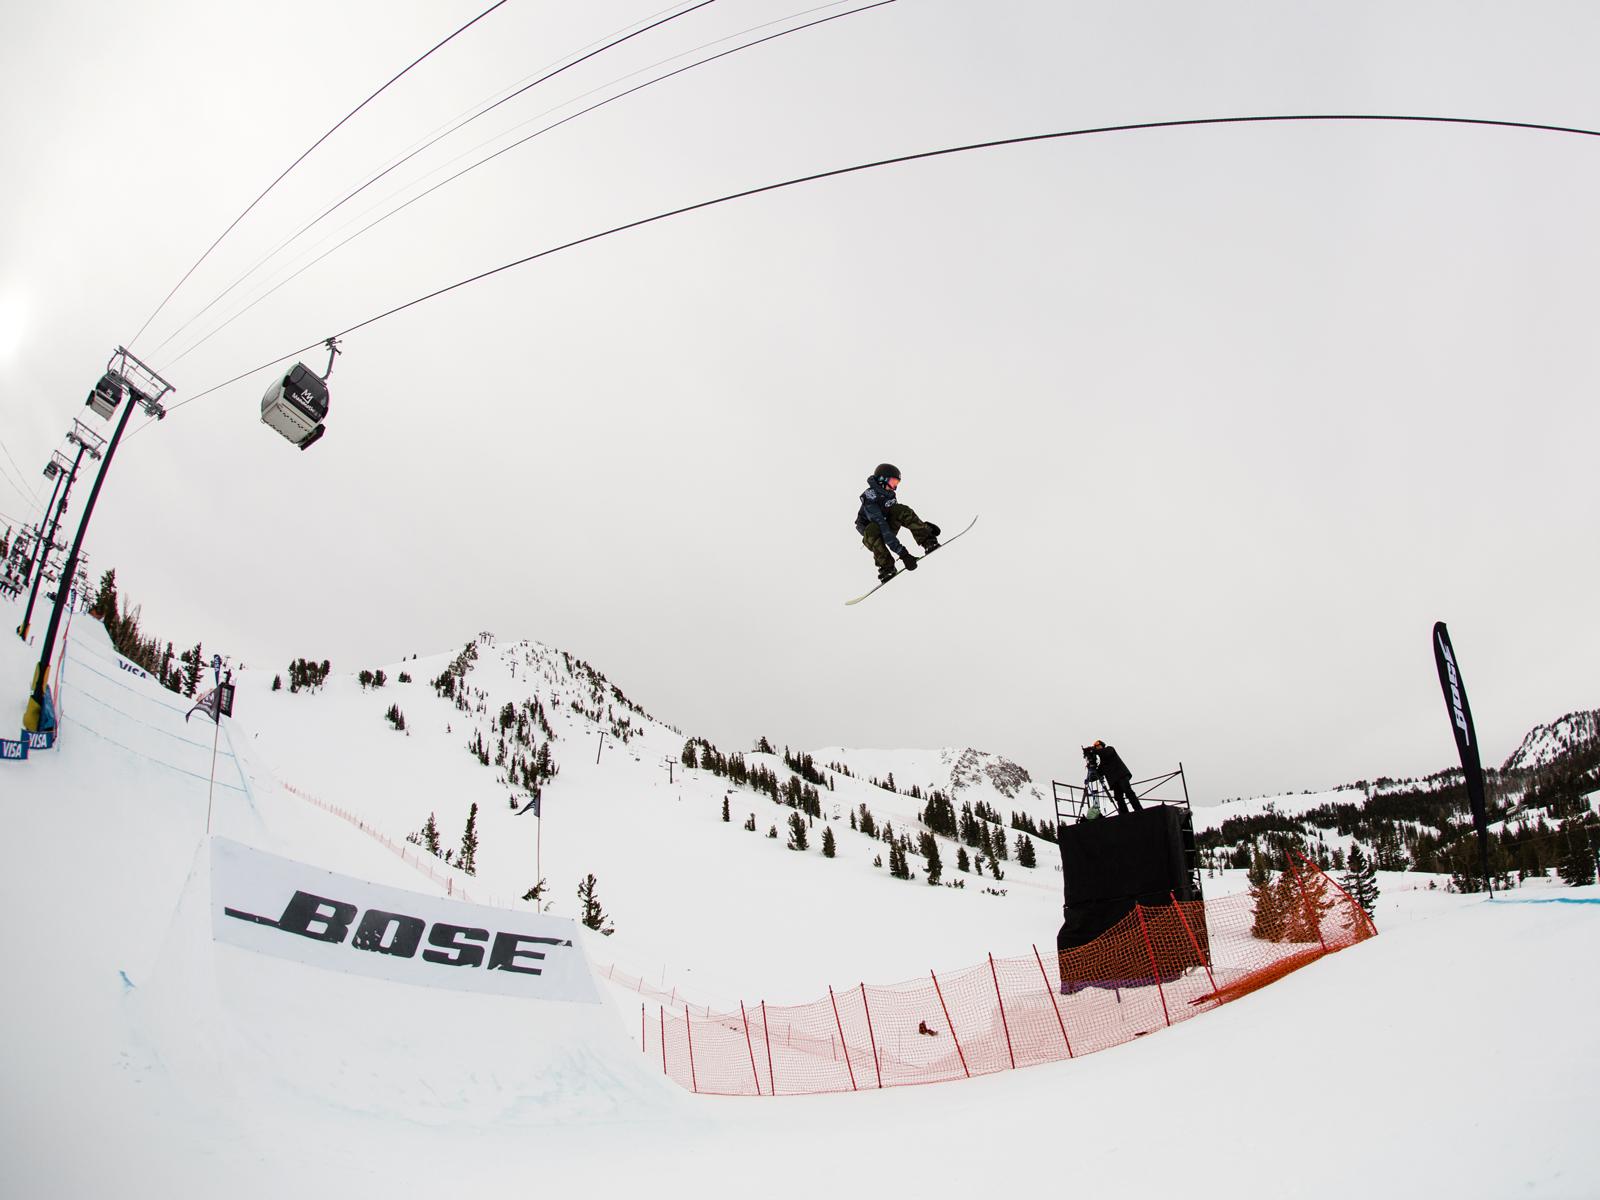 ab04d95f0d8 U.S. Snowboard Team Criteria